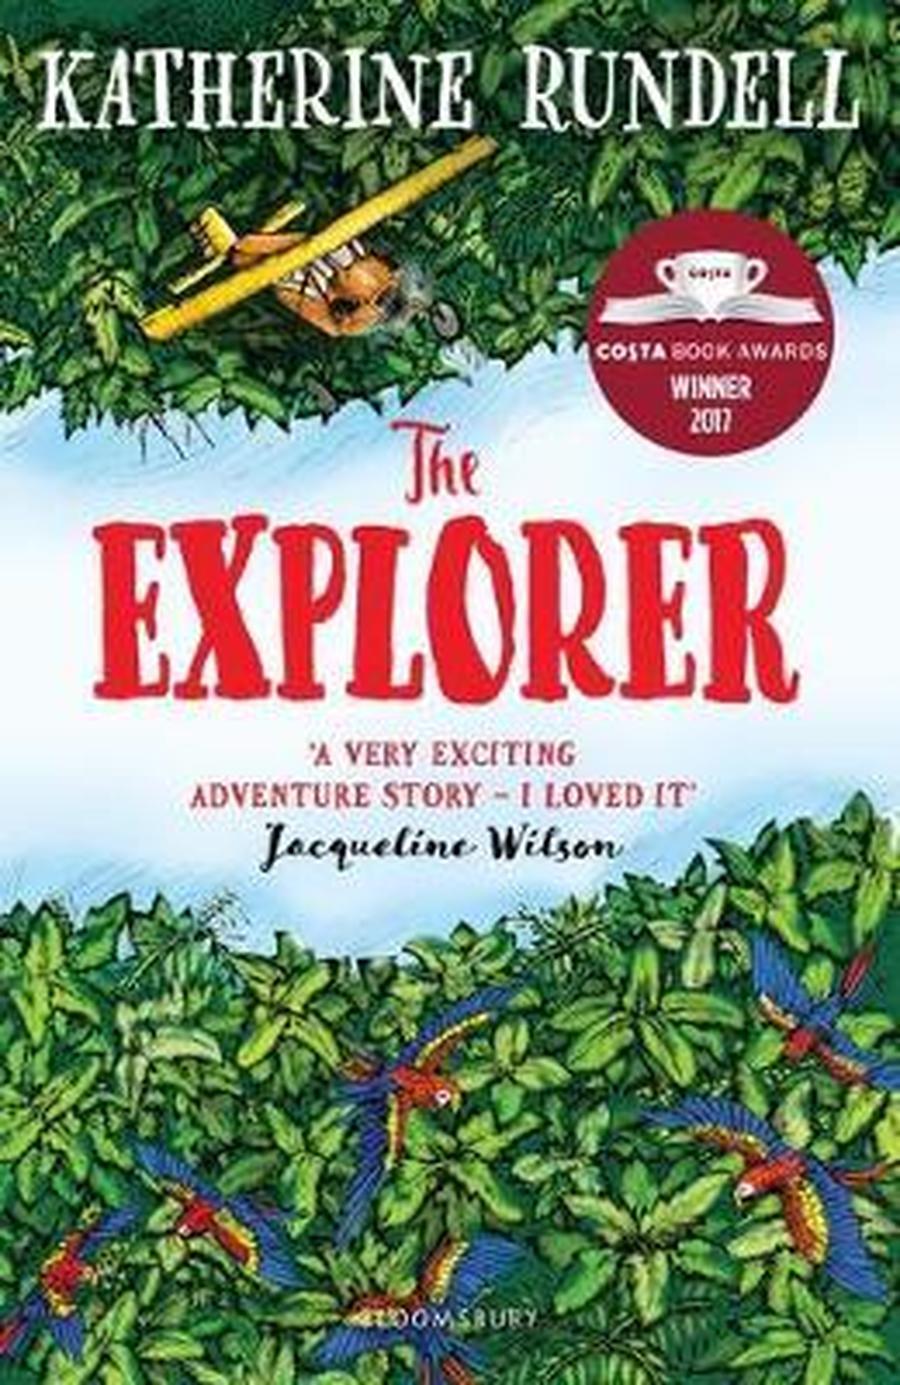 The Explorer - Katherine Rundell